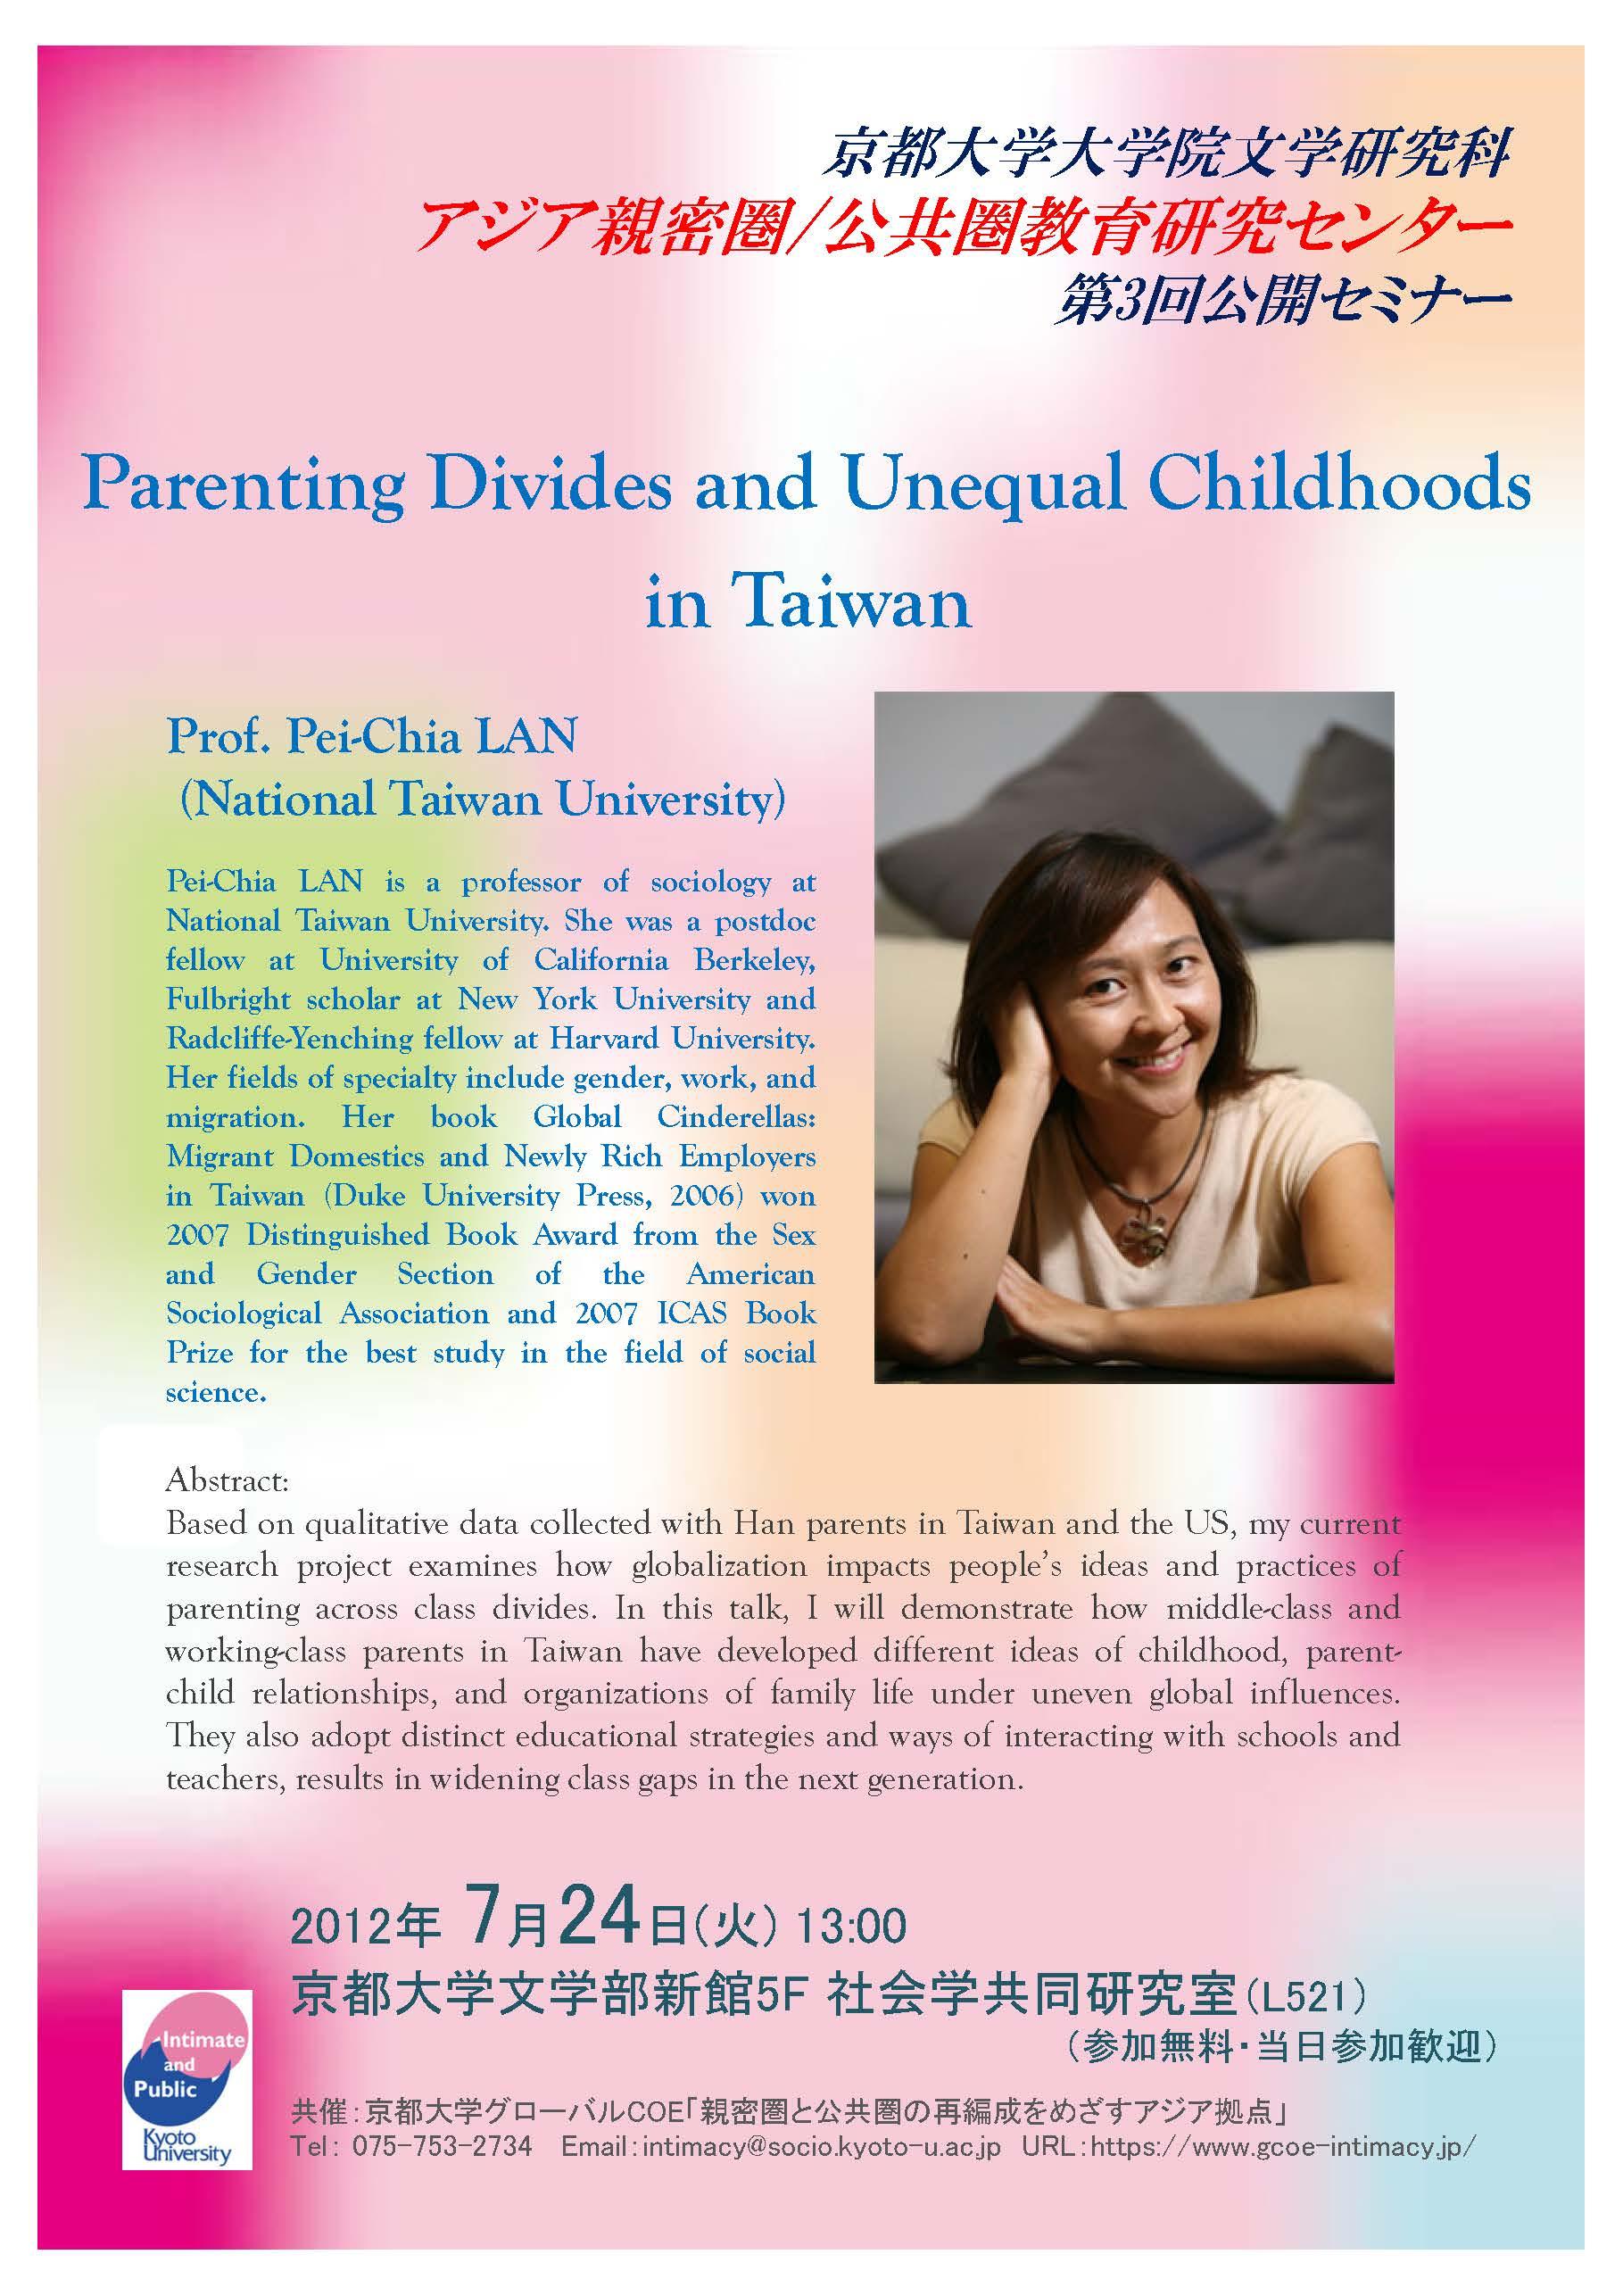 2012/07/24 LAN Pei-Chia 先生セミナー